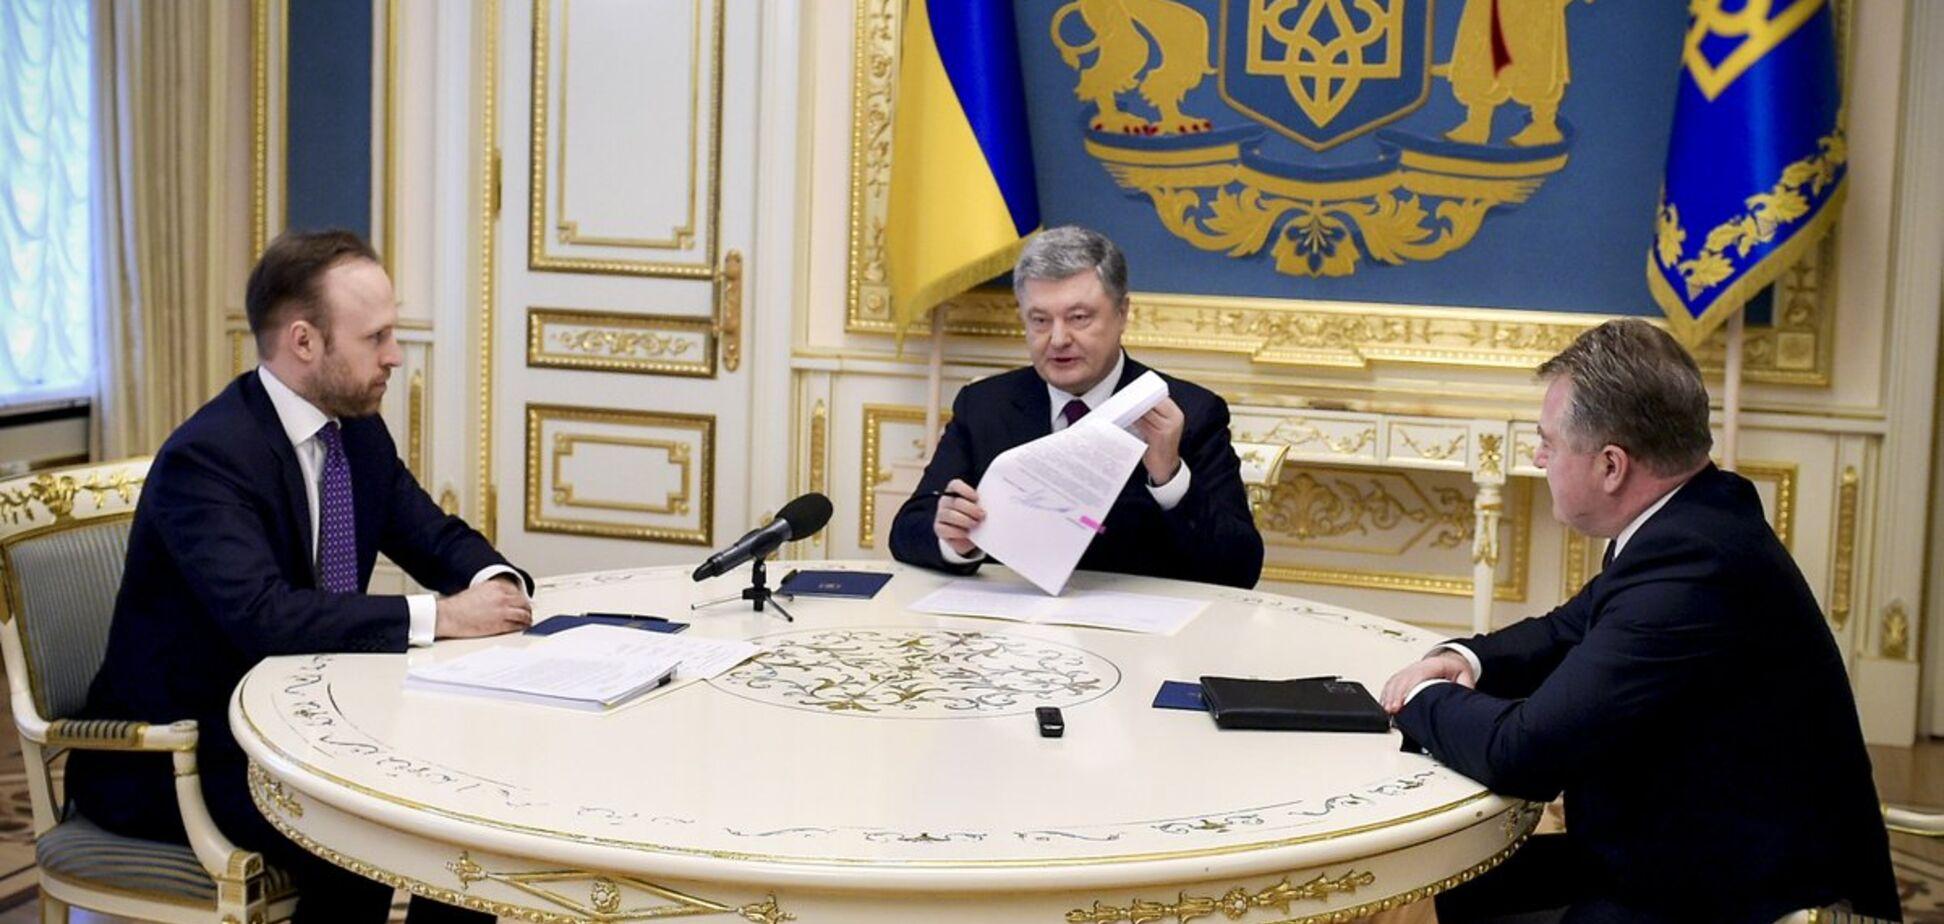 Порошенко дал старт второму этапу судебной реформы